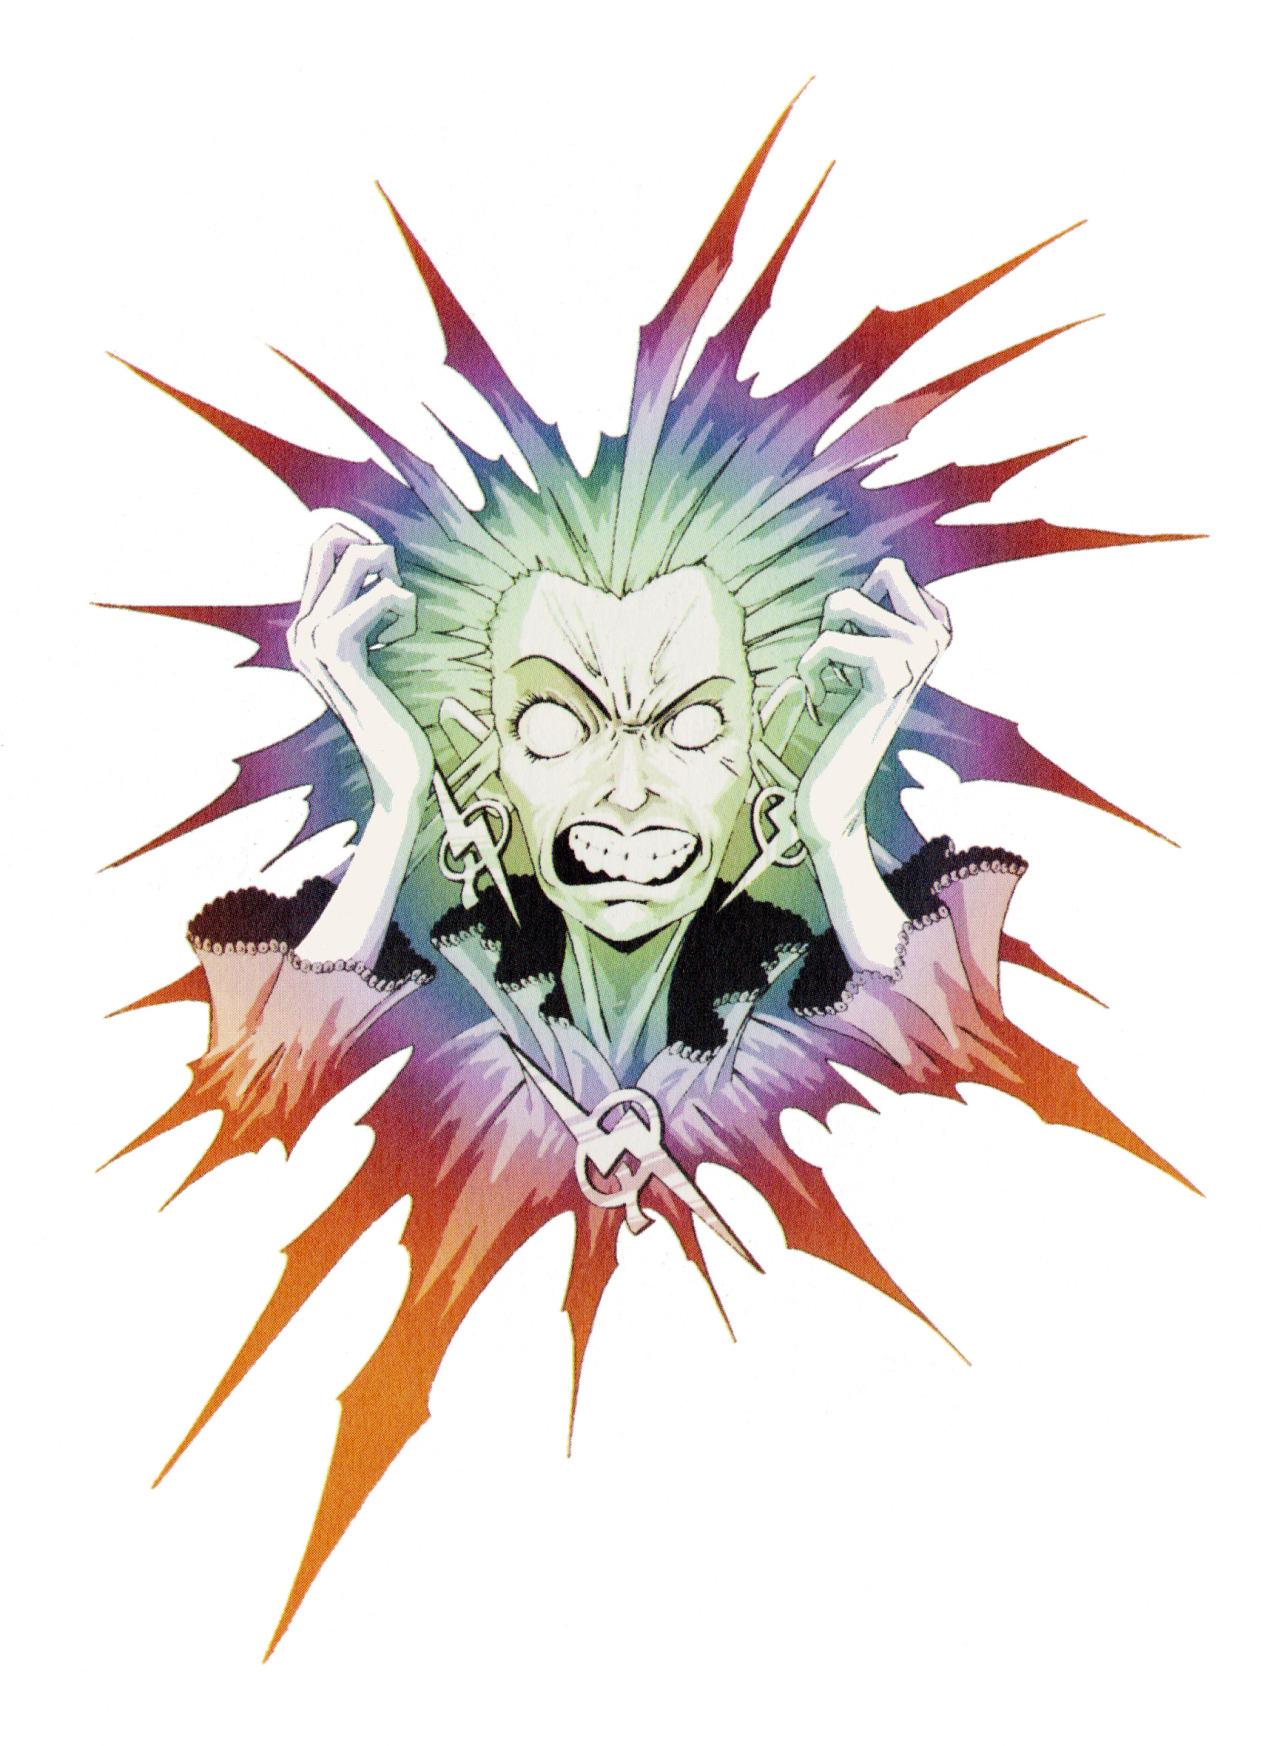 Quicksilver Megami Tensei Wiki Fandom Is a demon in the series. quicksilver megami tensei wiki fandom